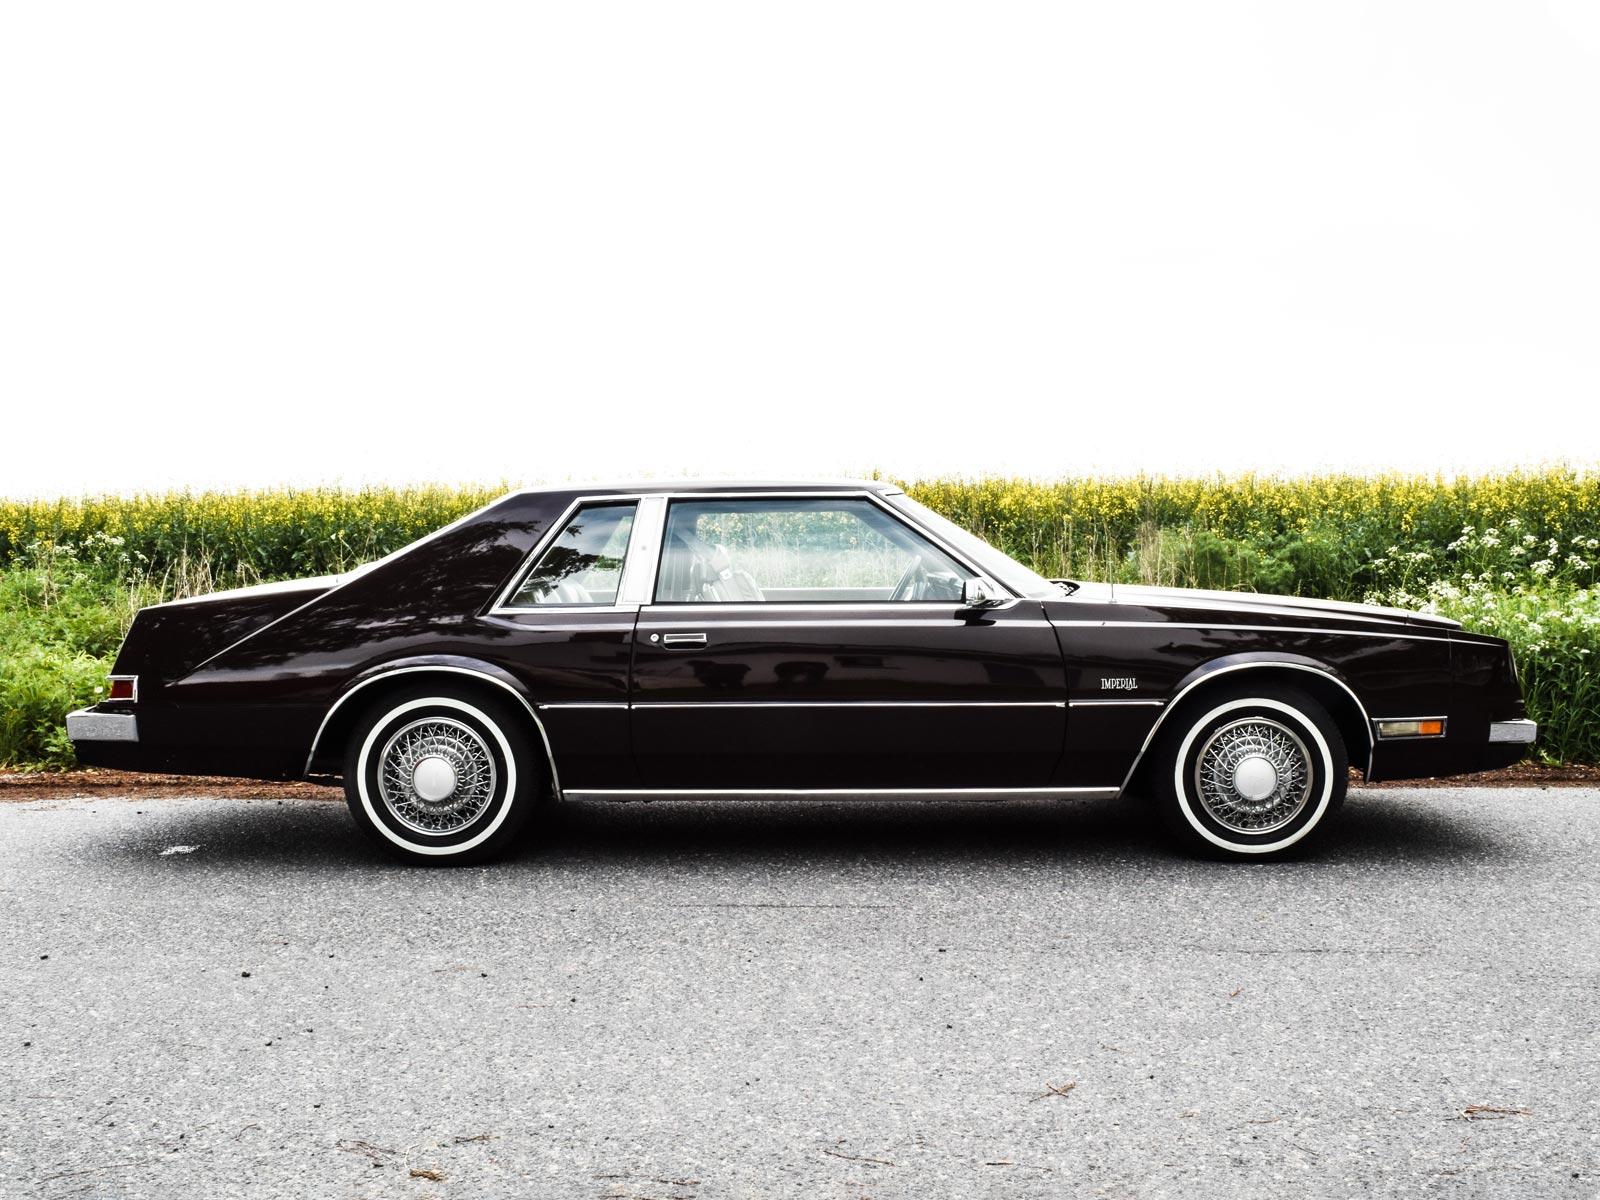 Chrysler Coupe 1988 modell. Se vårt utvalg av biler